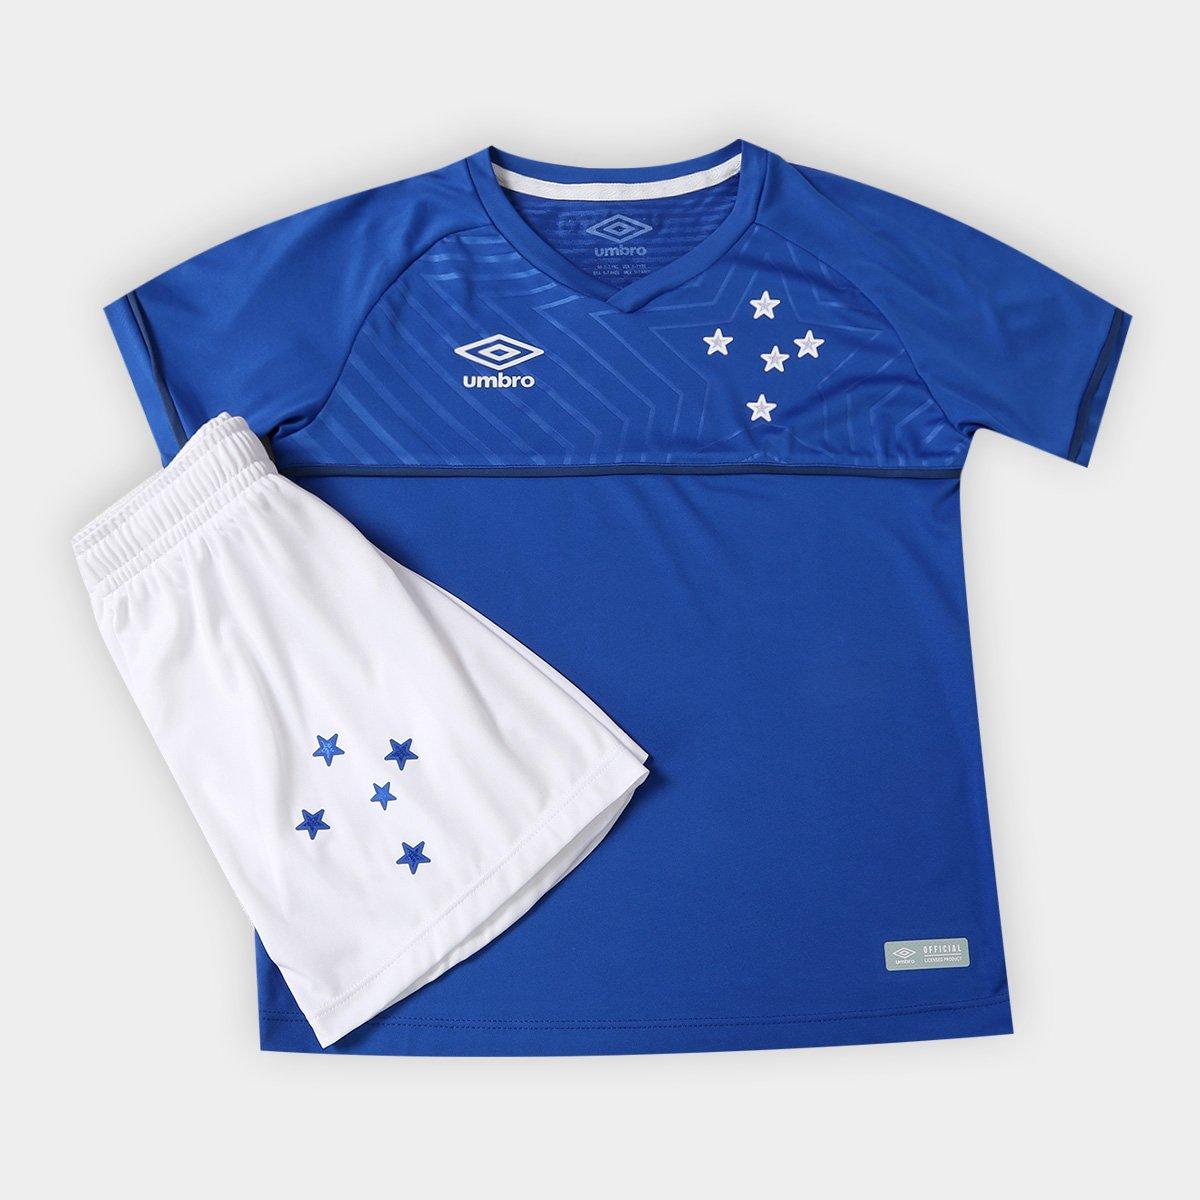 Kit Cruzeiro Infantil I 18 19 Umbro - Compre Agora  b1c2ef18c56ff